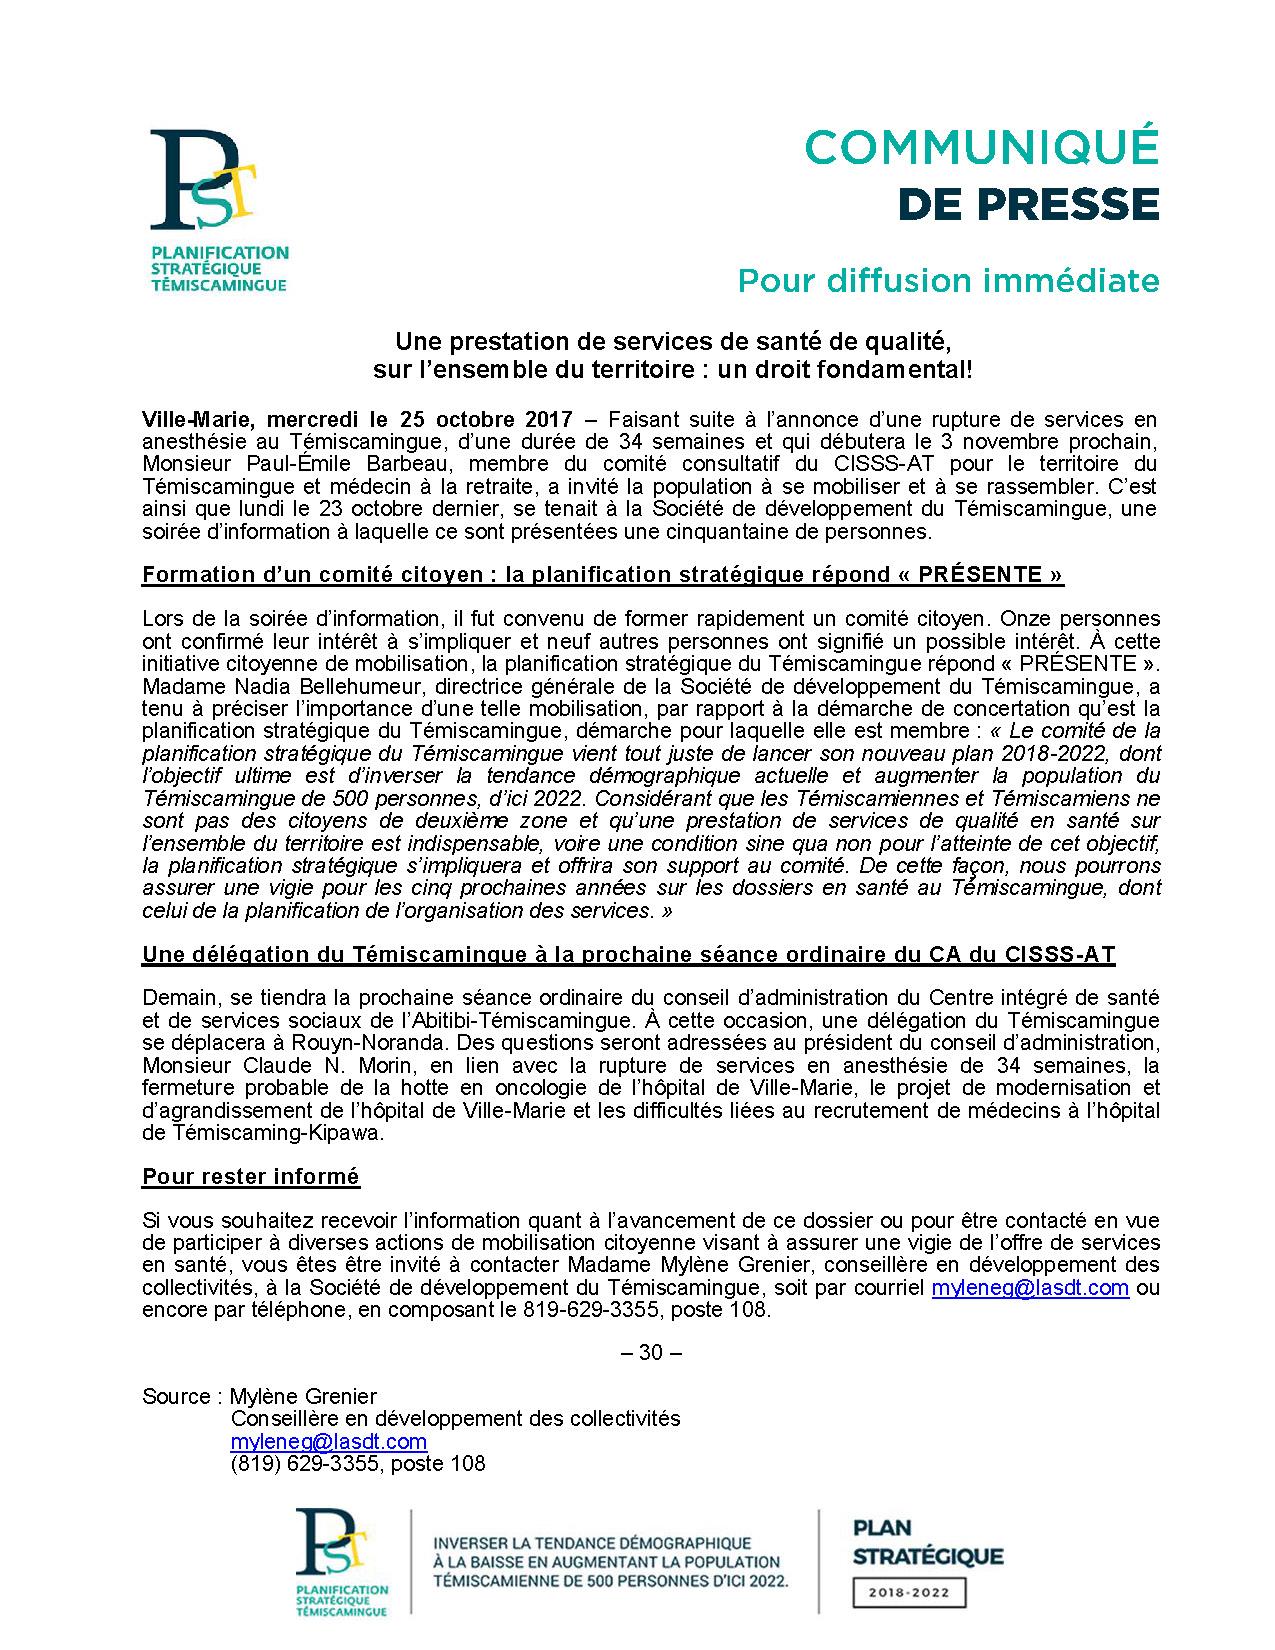 2017-10-25 - Communiqué PST - Mobilisation Santé